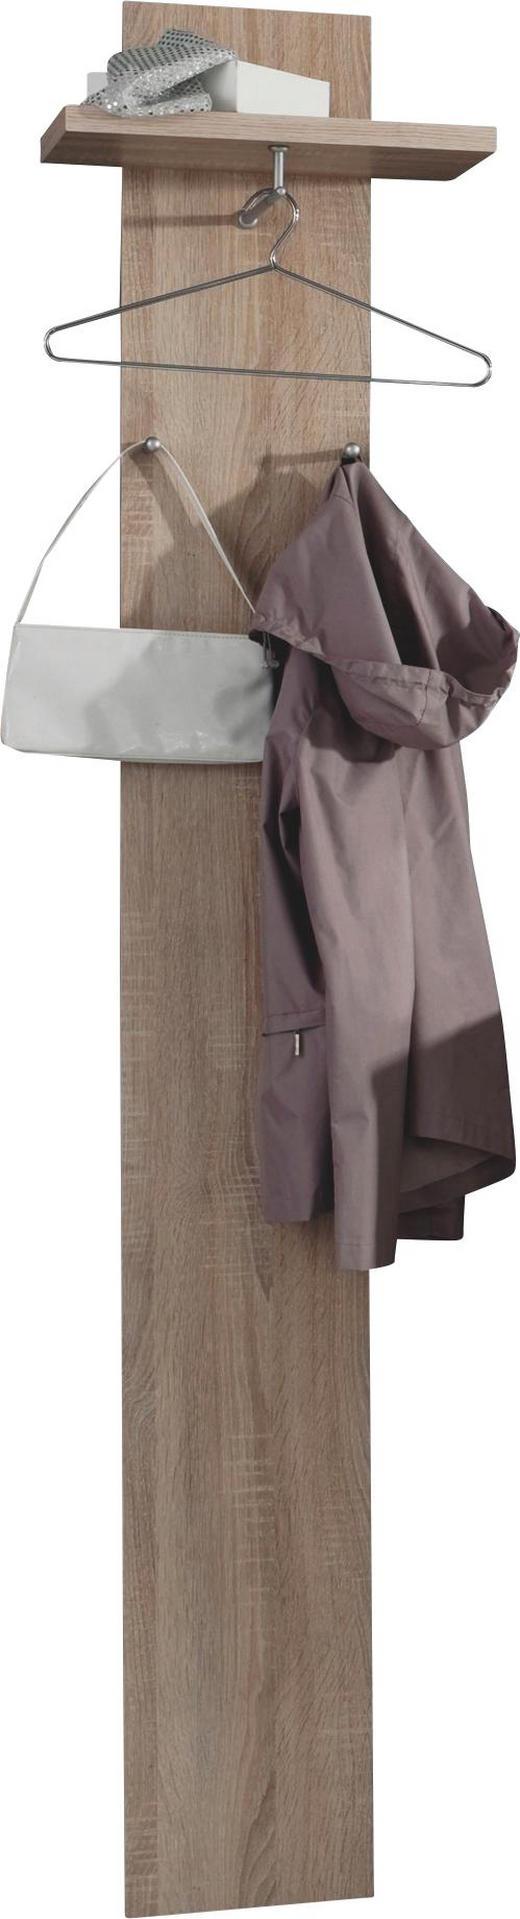 GARDEROBENPANEEL Eichefarben - Eichefarben, Design (40/188/26cm) - Carryhome